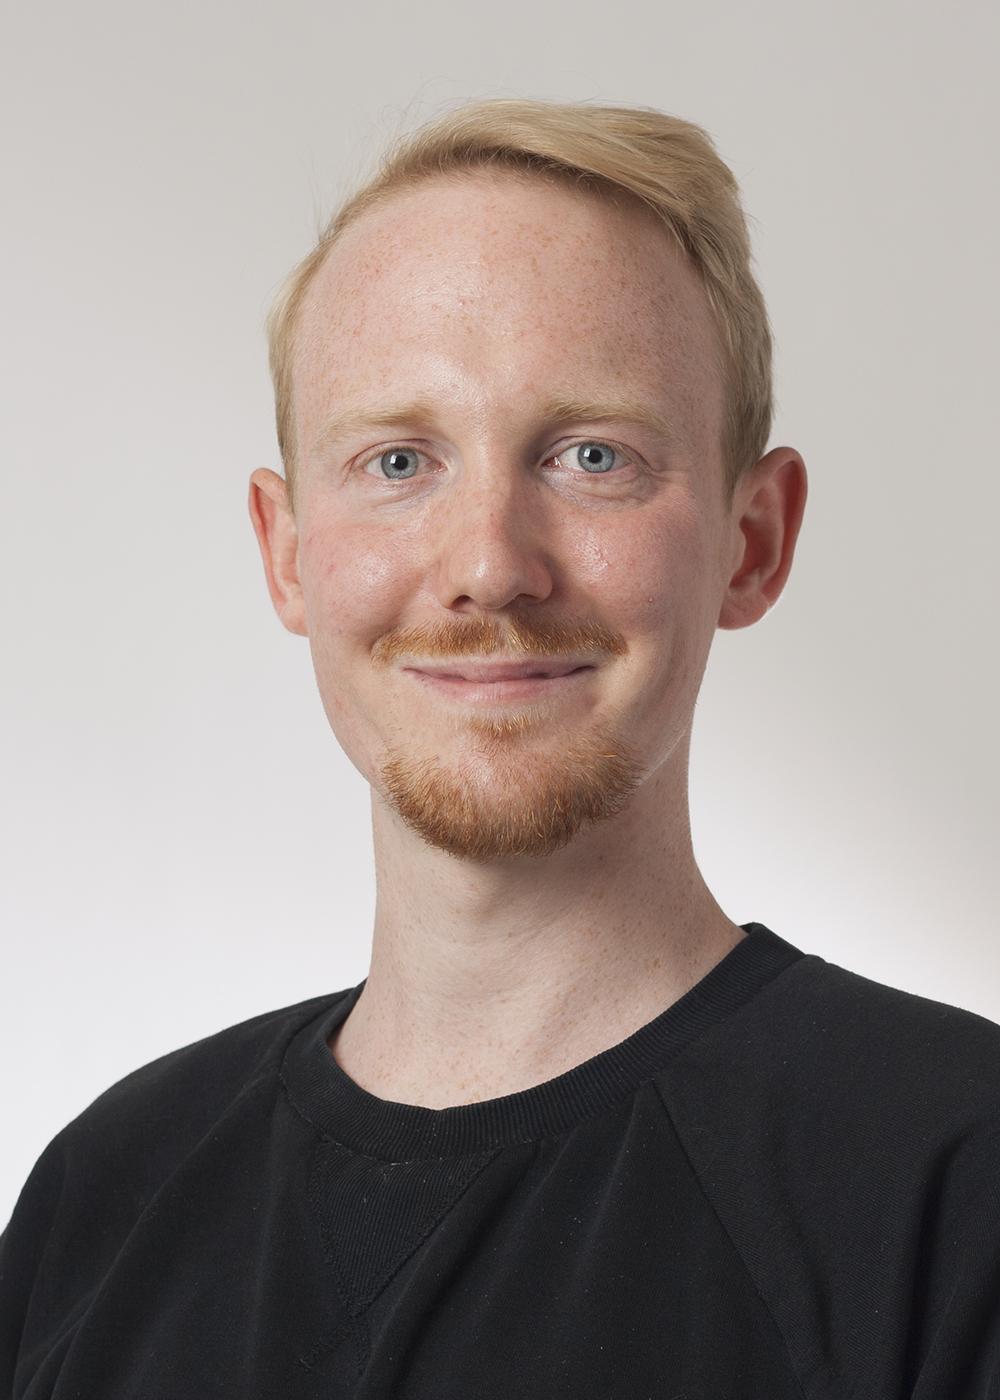 Emil Christian Poulsen